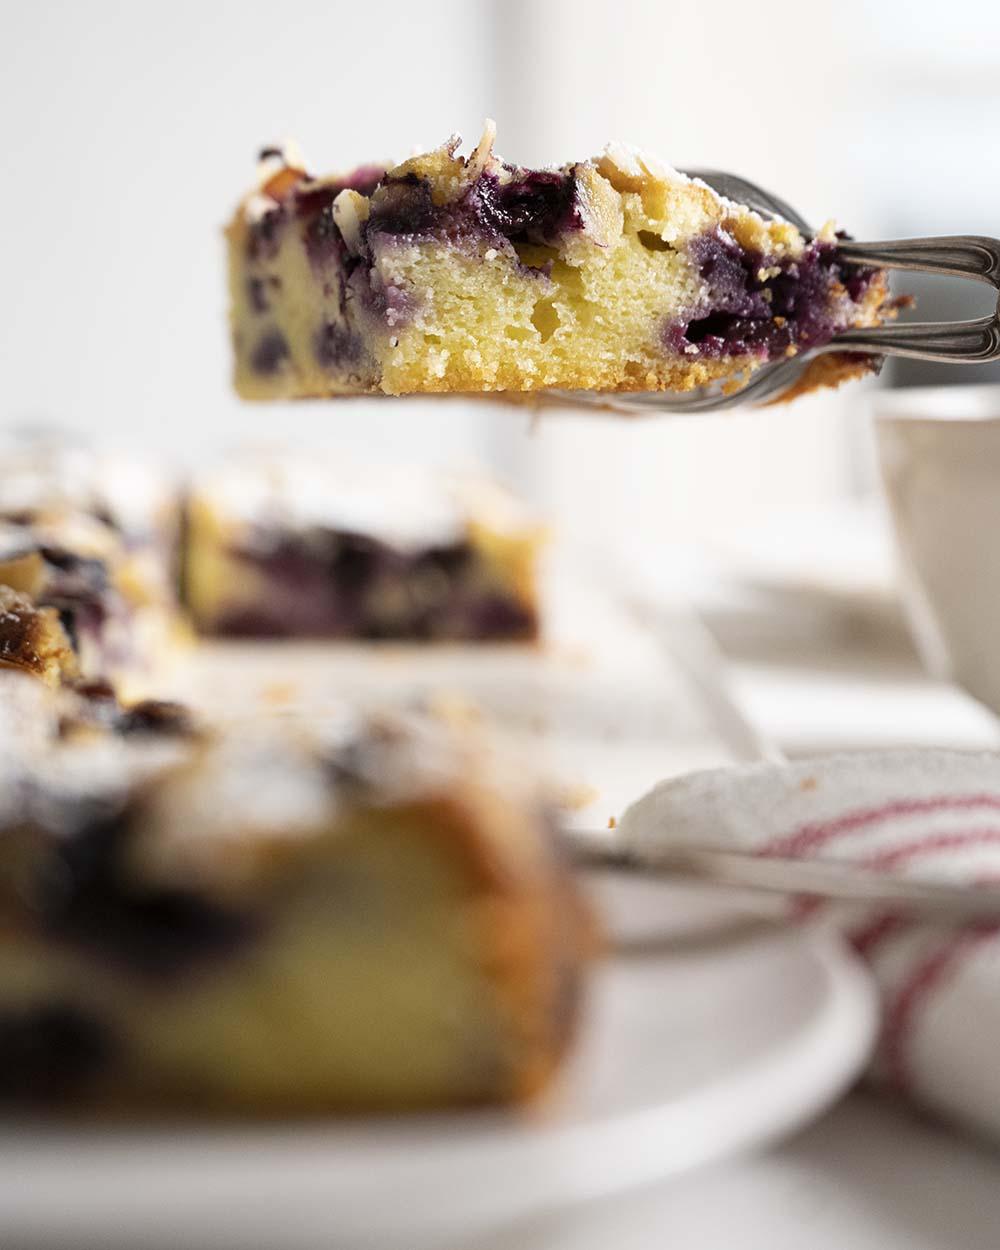 Wir heben ein Stück Joghurtkuchen mit Heidelbeeren in de Luft, damit man die schöne Struktur und dievielen Beeren sehen kann.